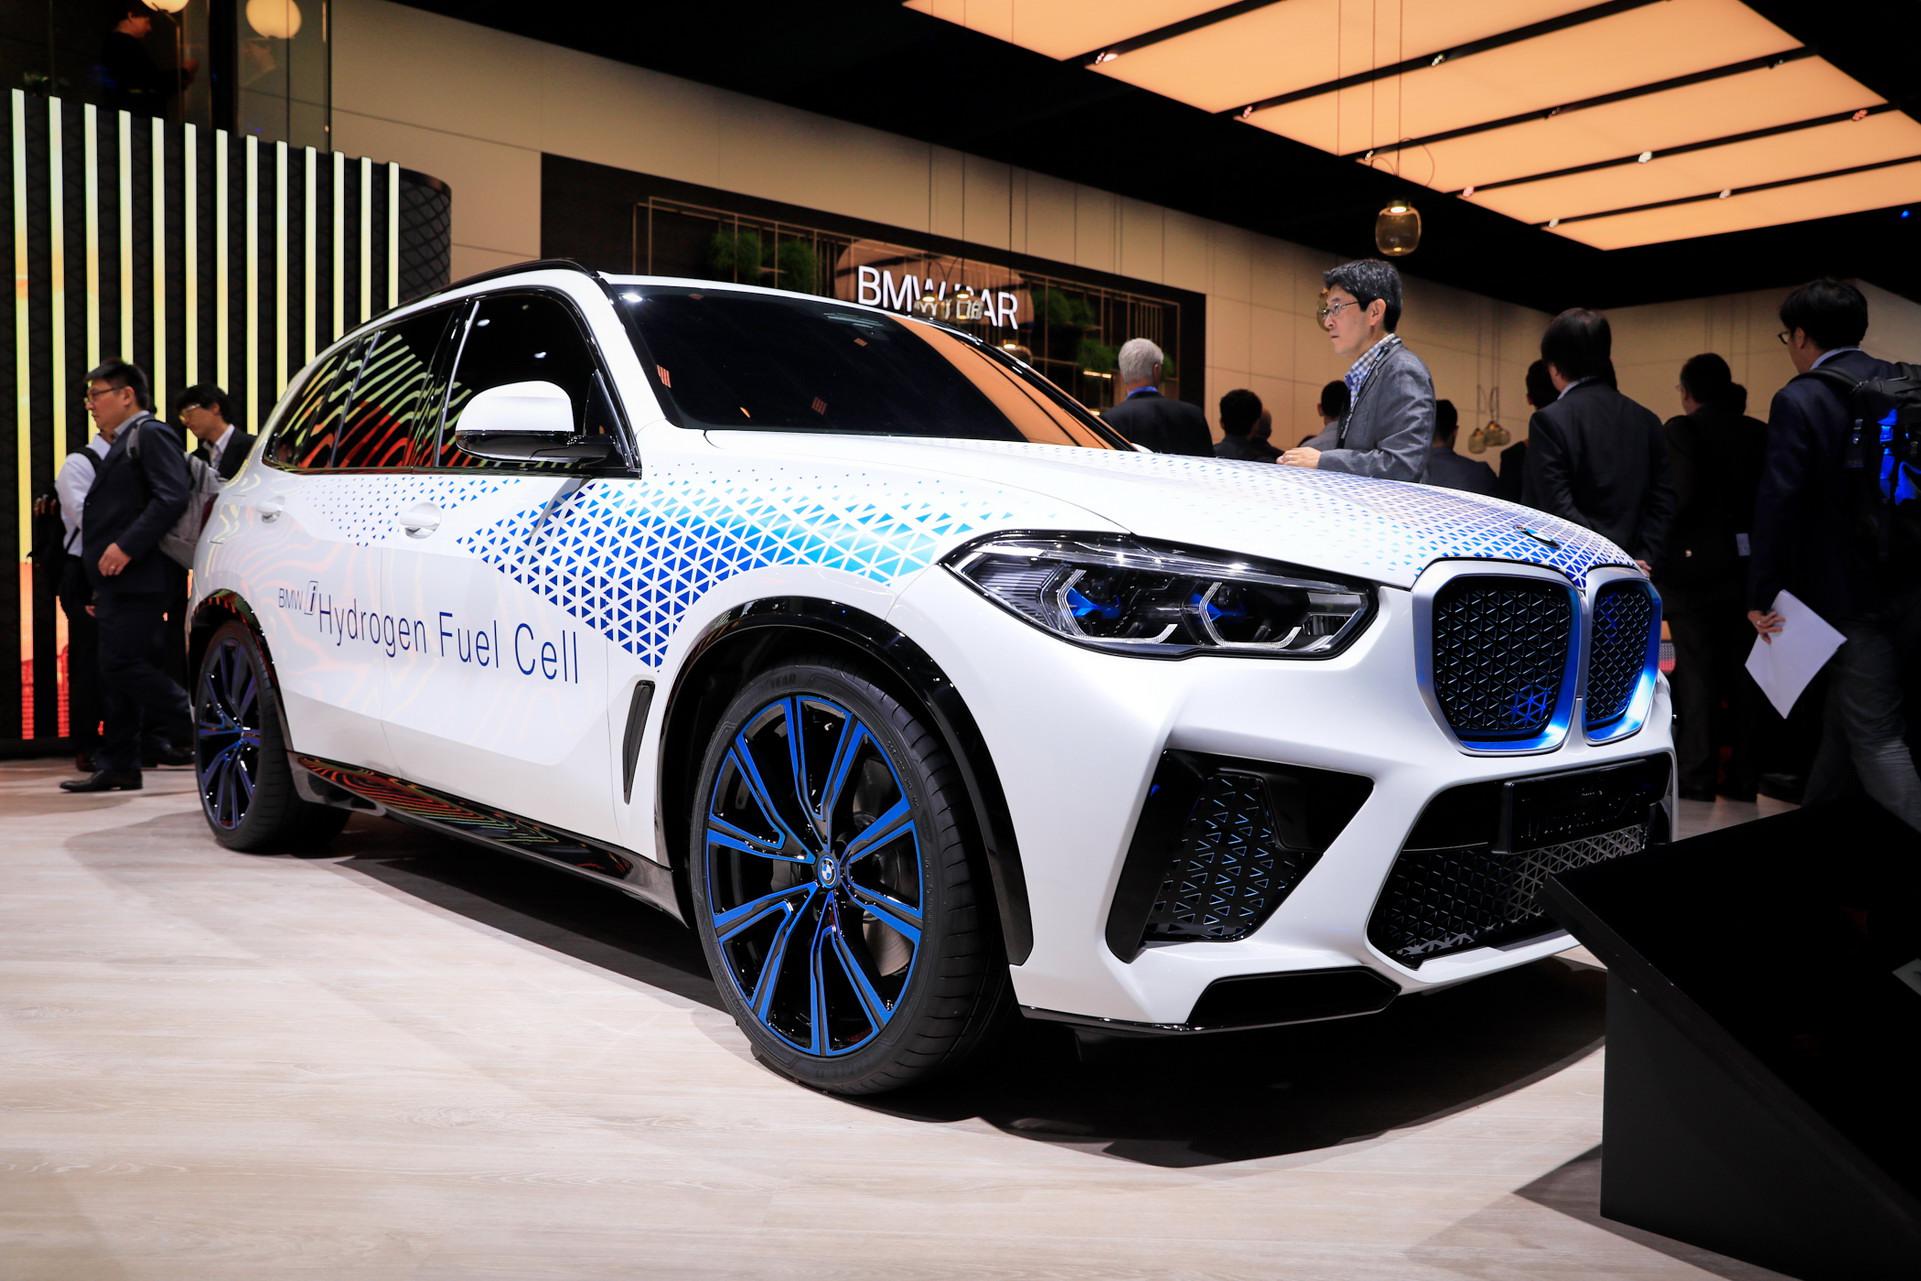 Hydrogen fuelc ell tech in BMW